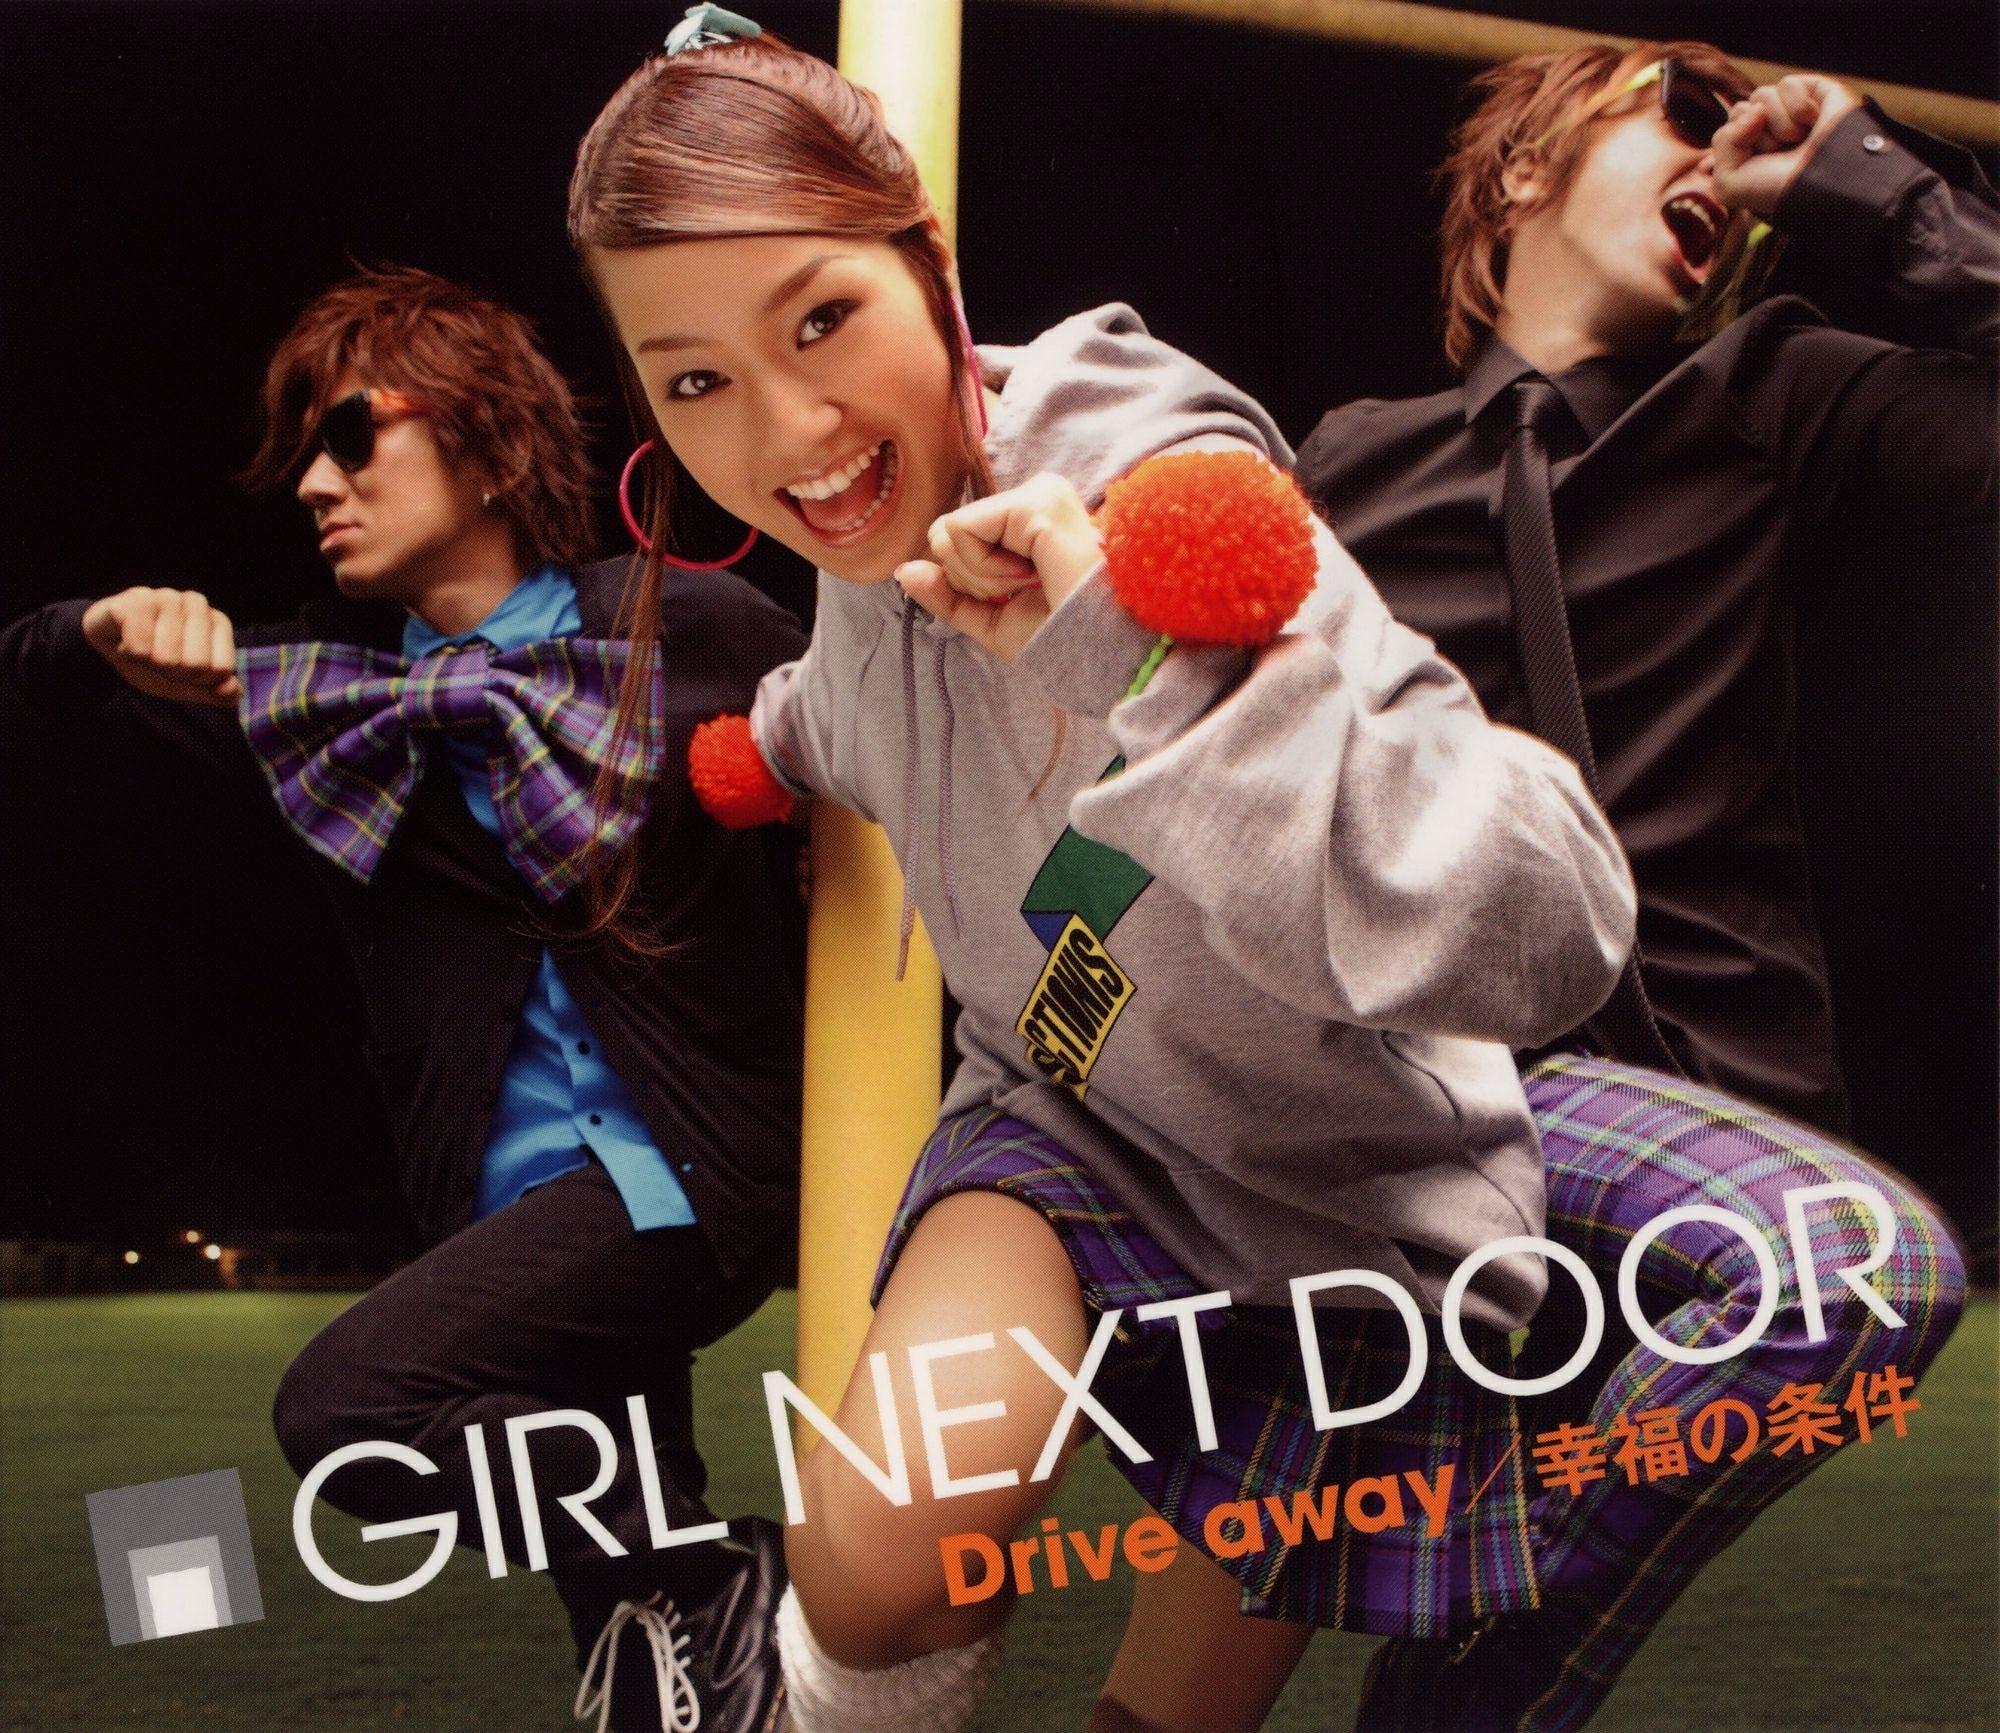 20170203.21.36 girl next door - Drive away cover.jpg